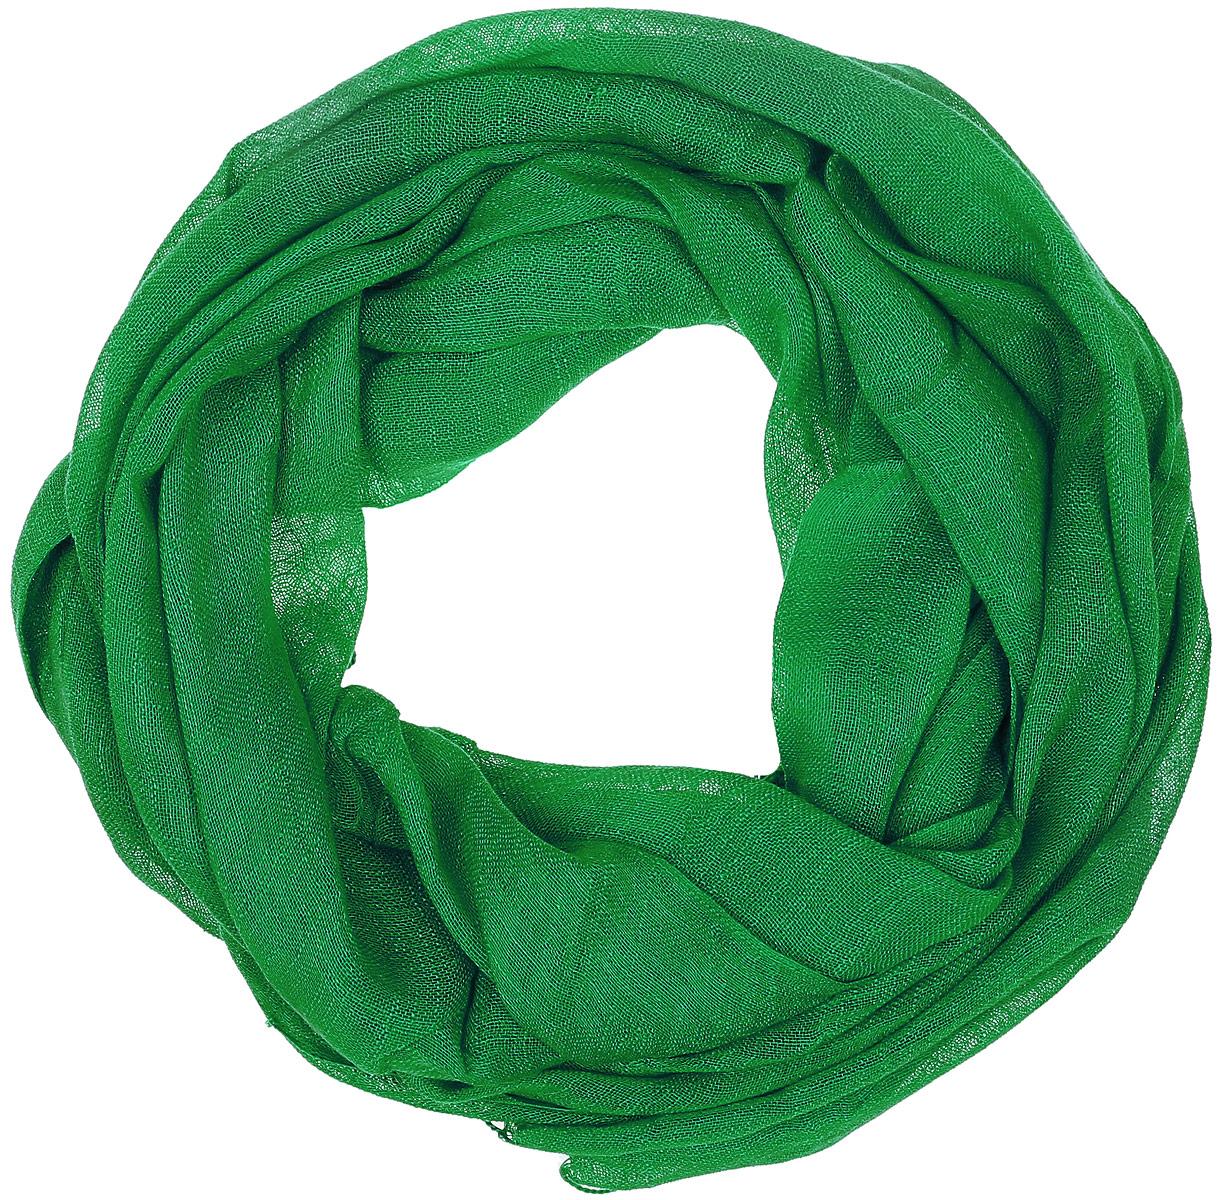 Палантин Vita Pelle, цвет: зеленый. Ro02P135S/85. Размер 62 см х 175 смRo02P135S/85Палантин от Vita Pelle изготовлен изо льна и вискозы. Края изделия дополнены бахромой.